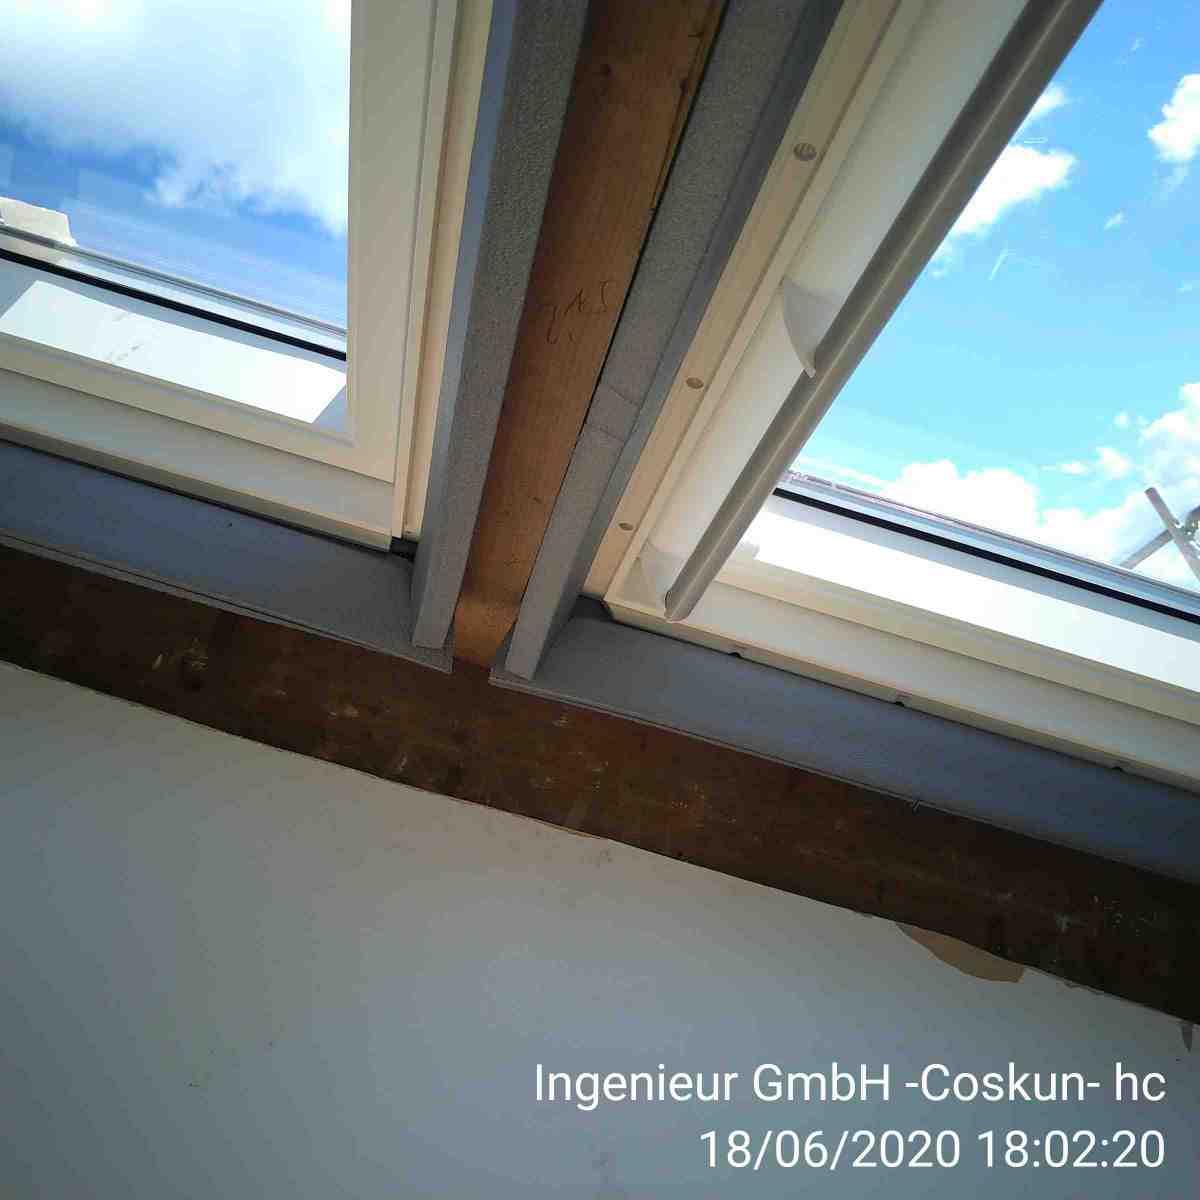 DachflÑchenfenstersanierung-Muenchen-19